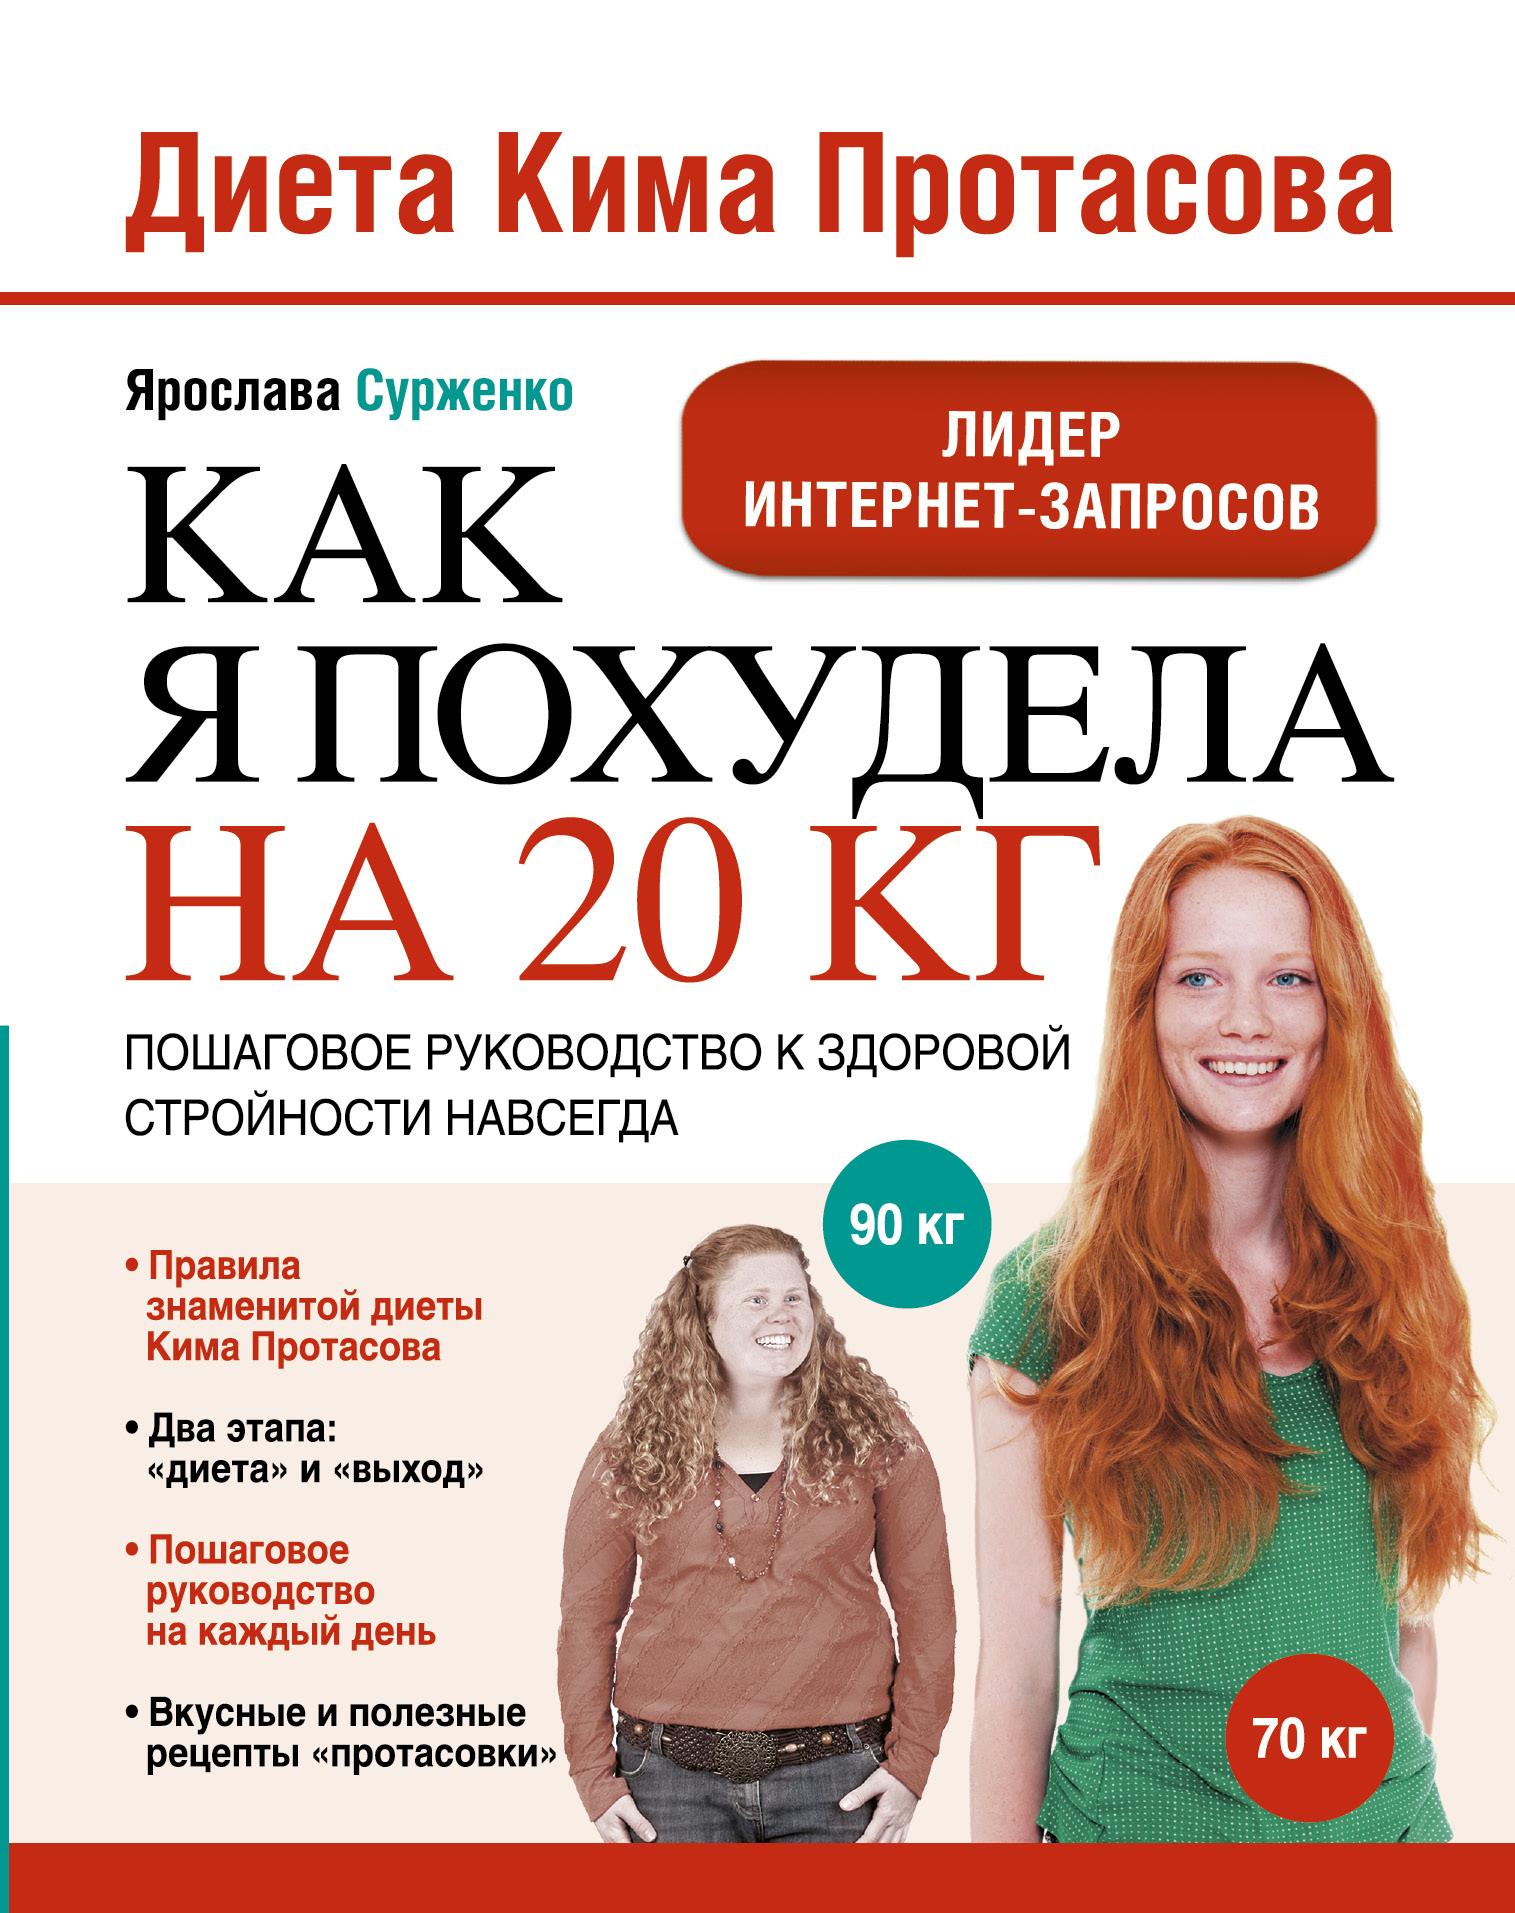 Ярослава Сурженко Диета Кима Протасова. Как я похудела на 20 кг